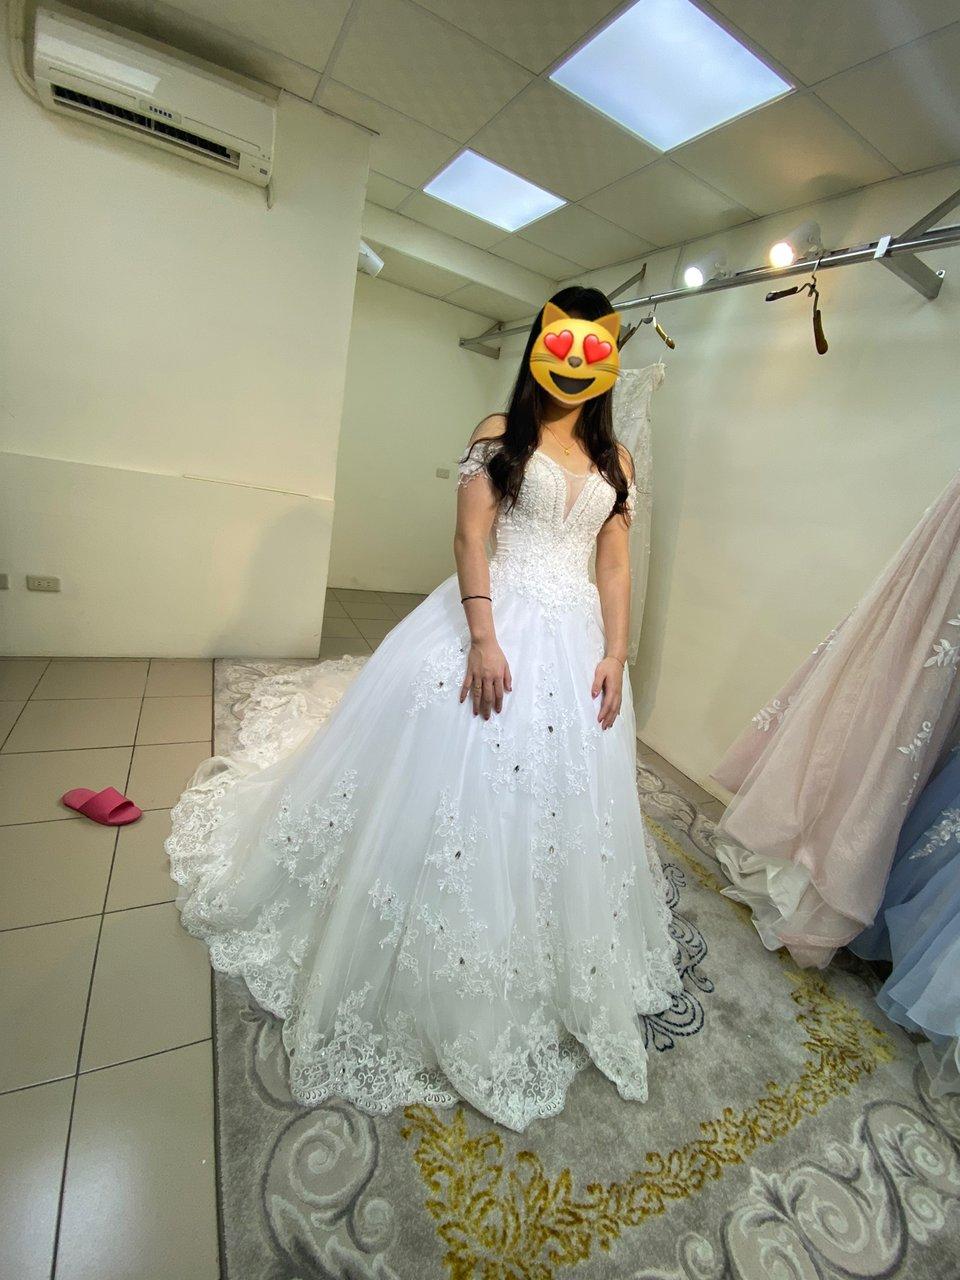 伊頓自助婚紗攝影工作室(桃園中壢店),拖了很久,終於要開始籌備婚禮了。